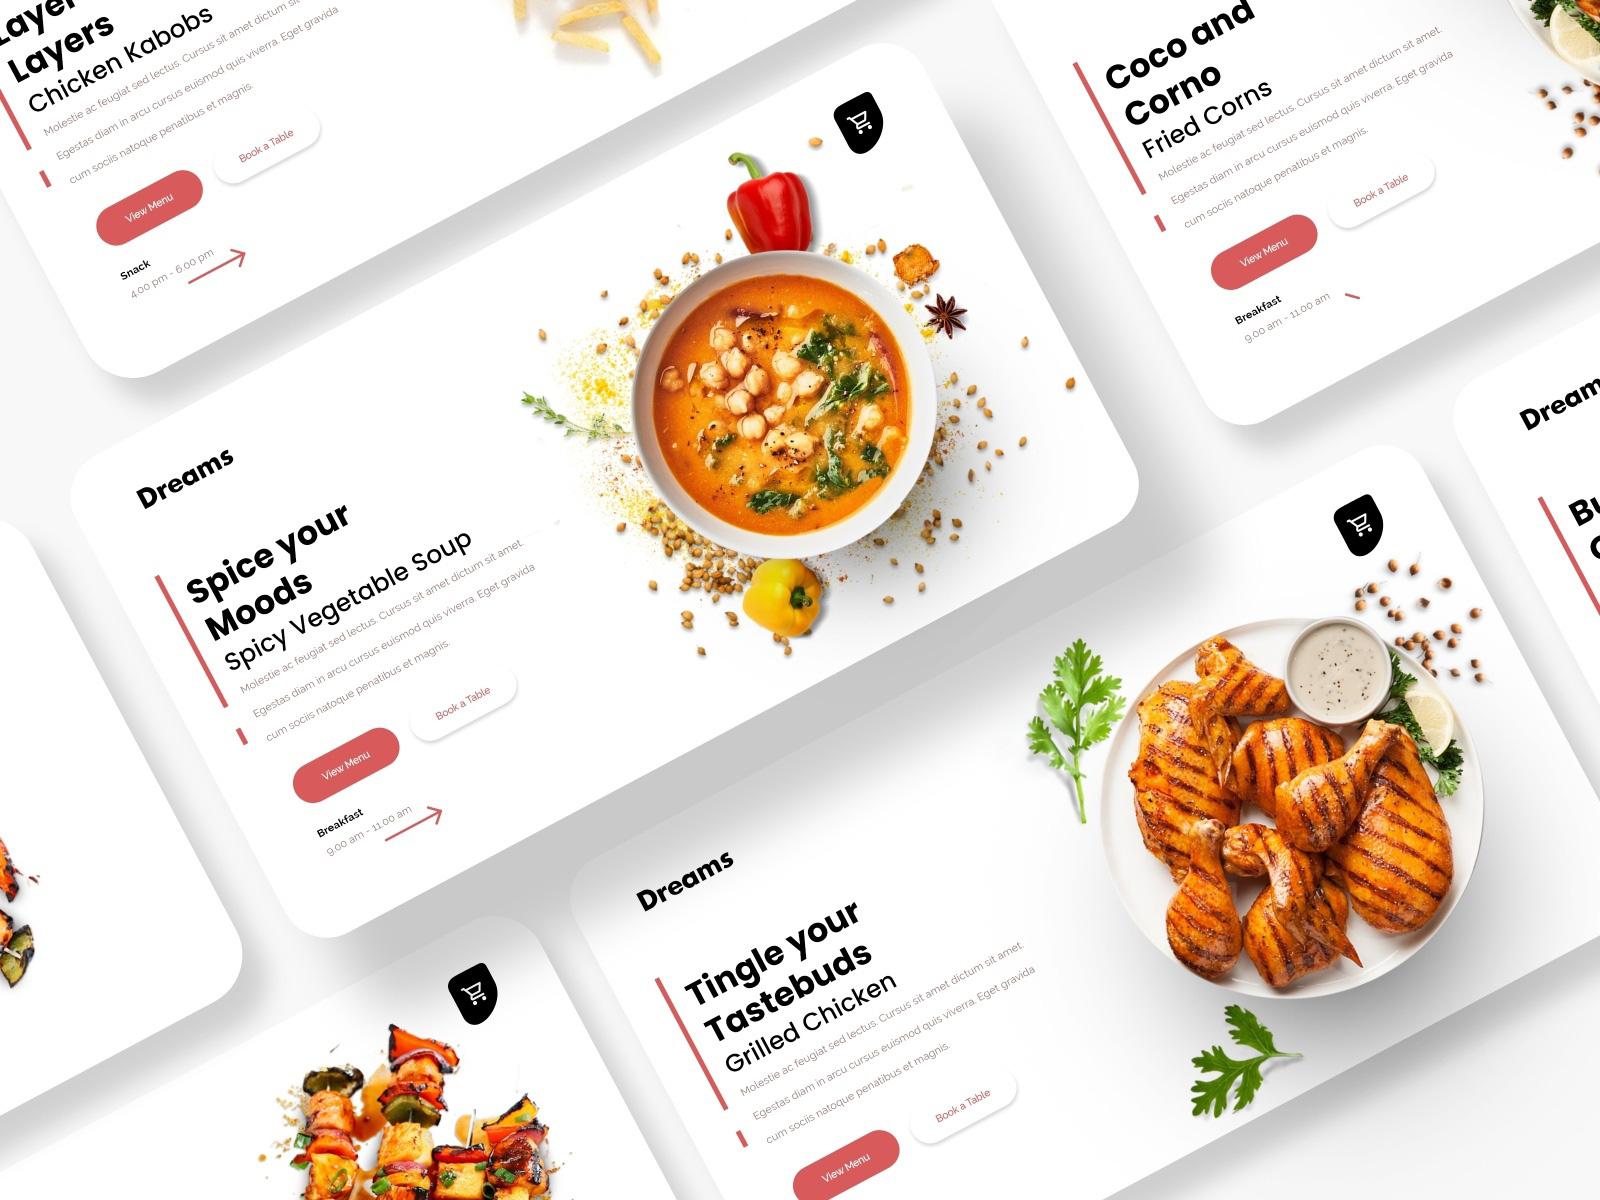 食品网站标题设计模板插图